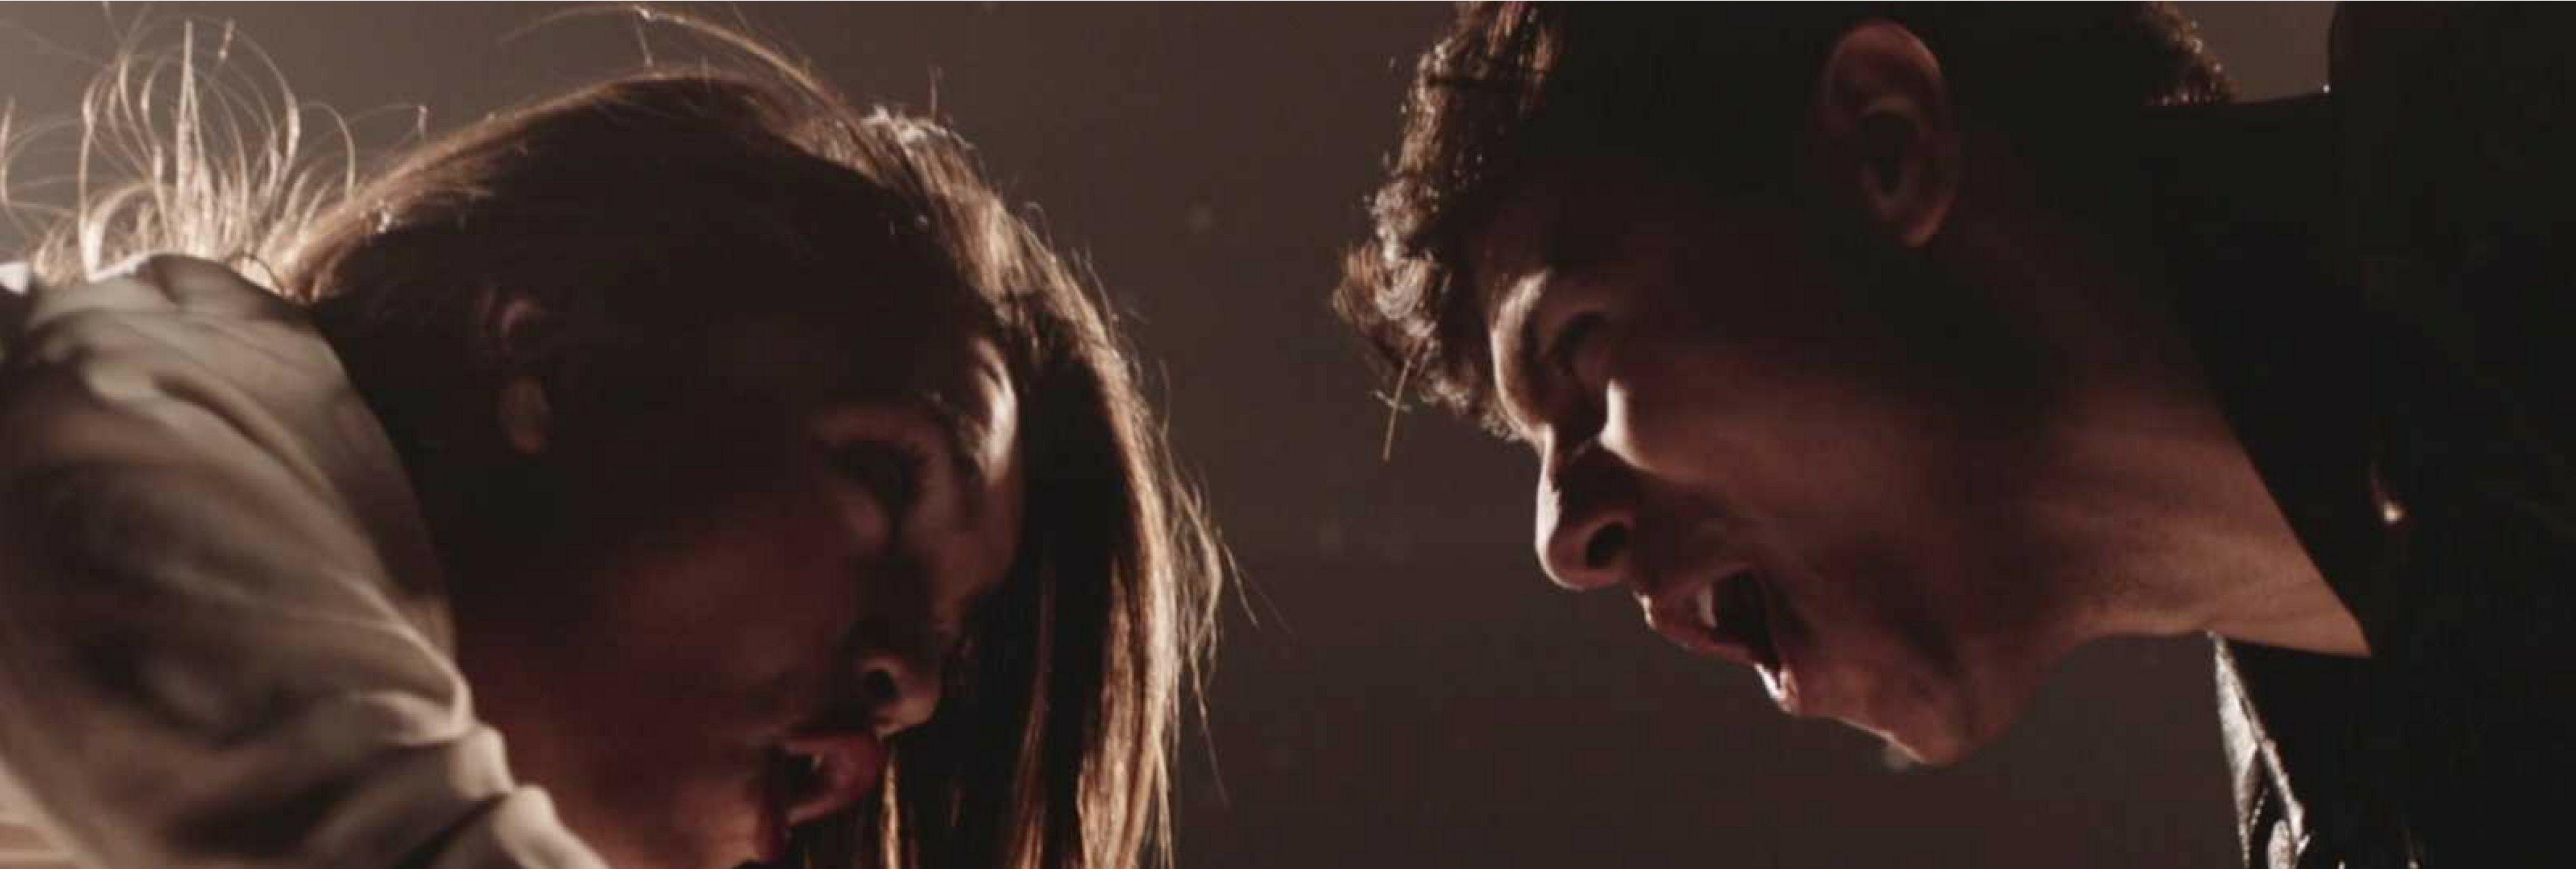 Volar en zapatillas, la propuesta de Amaia y Alfred para su videoclip